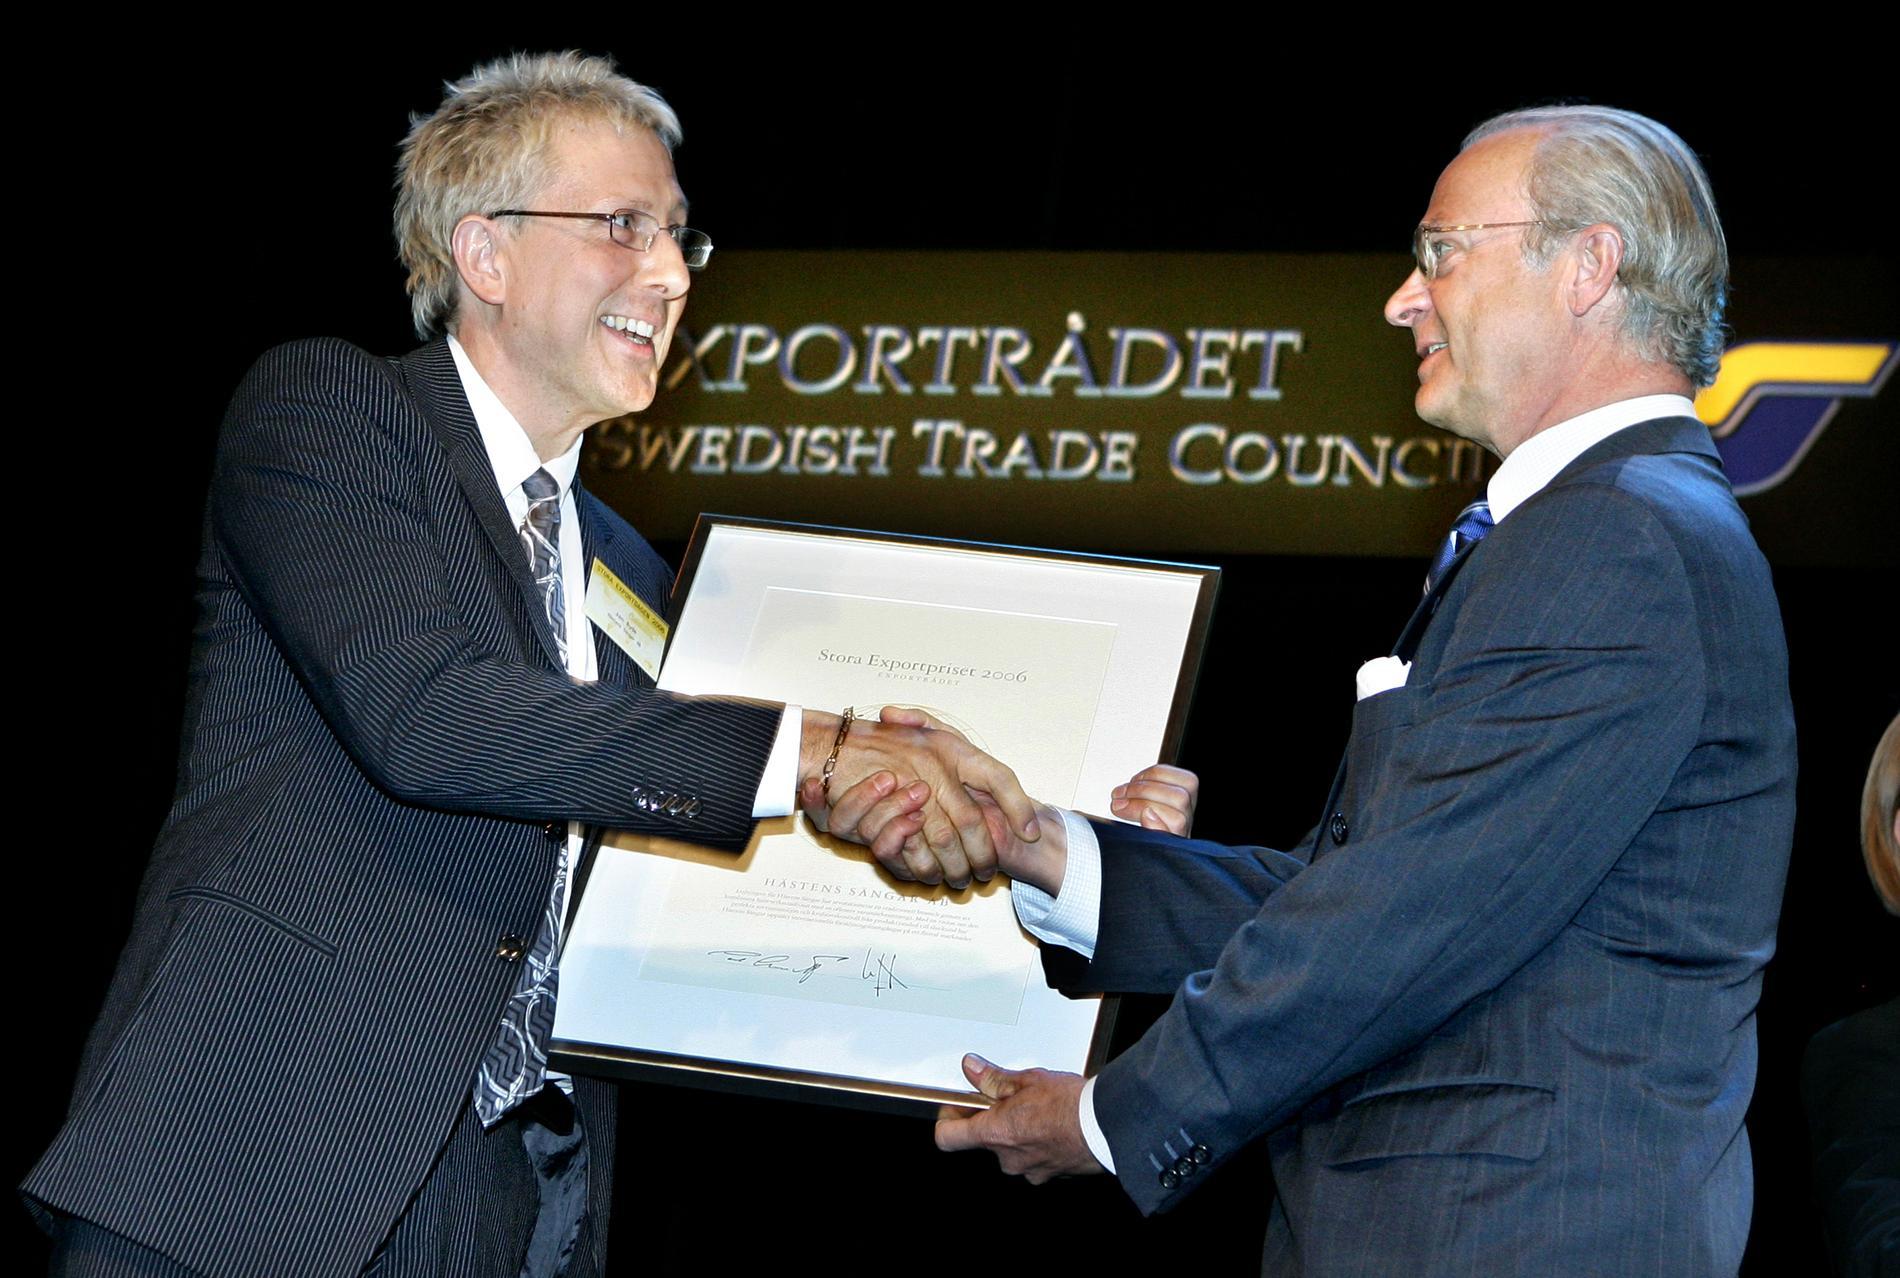 Jan Ryde fick stora exportpriset 2006. Priset överlämnades av kung Carl XVI Gustaf.